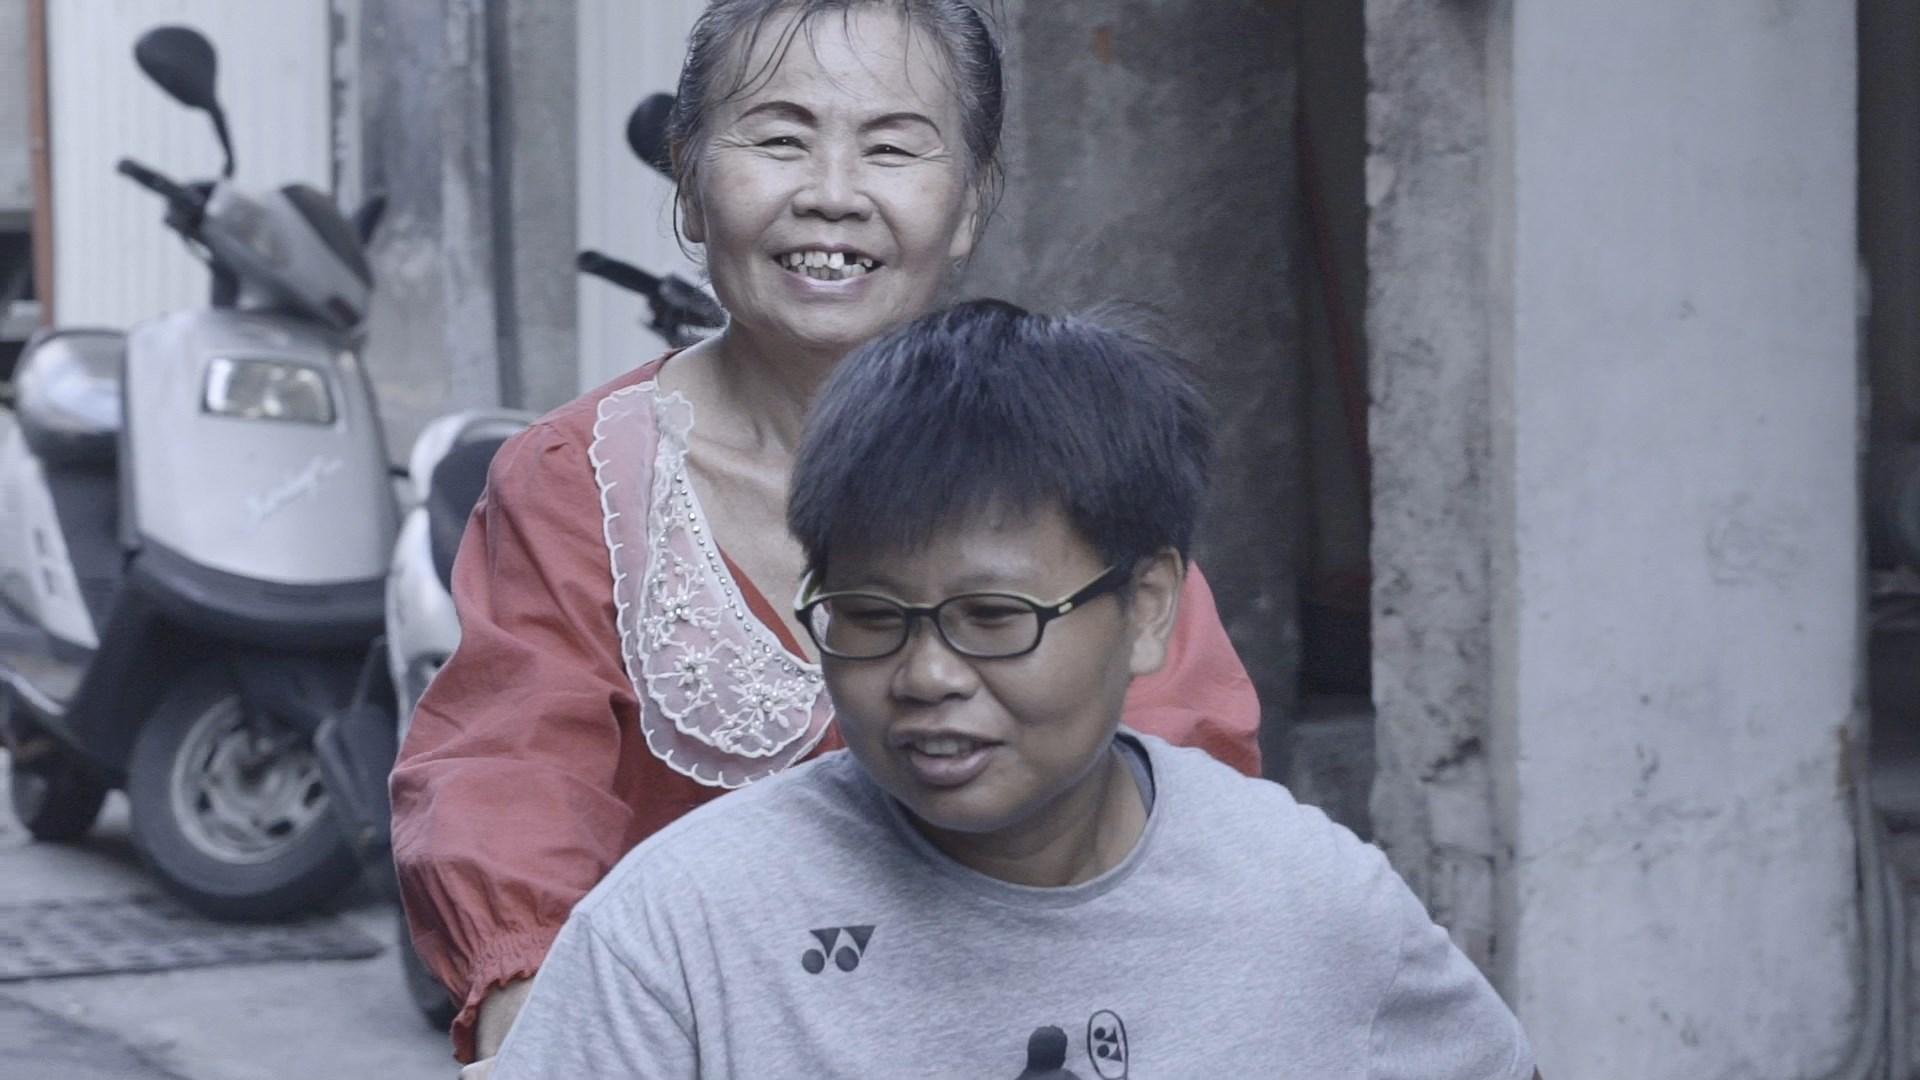 黃楚茵的母親黃嫊閔,為鼓勵楚茵走出低潮,常常帶著她出去走走